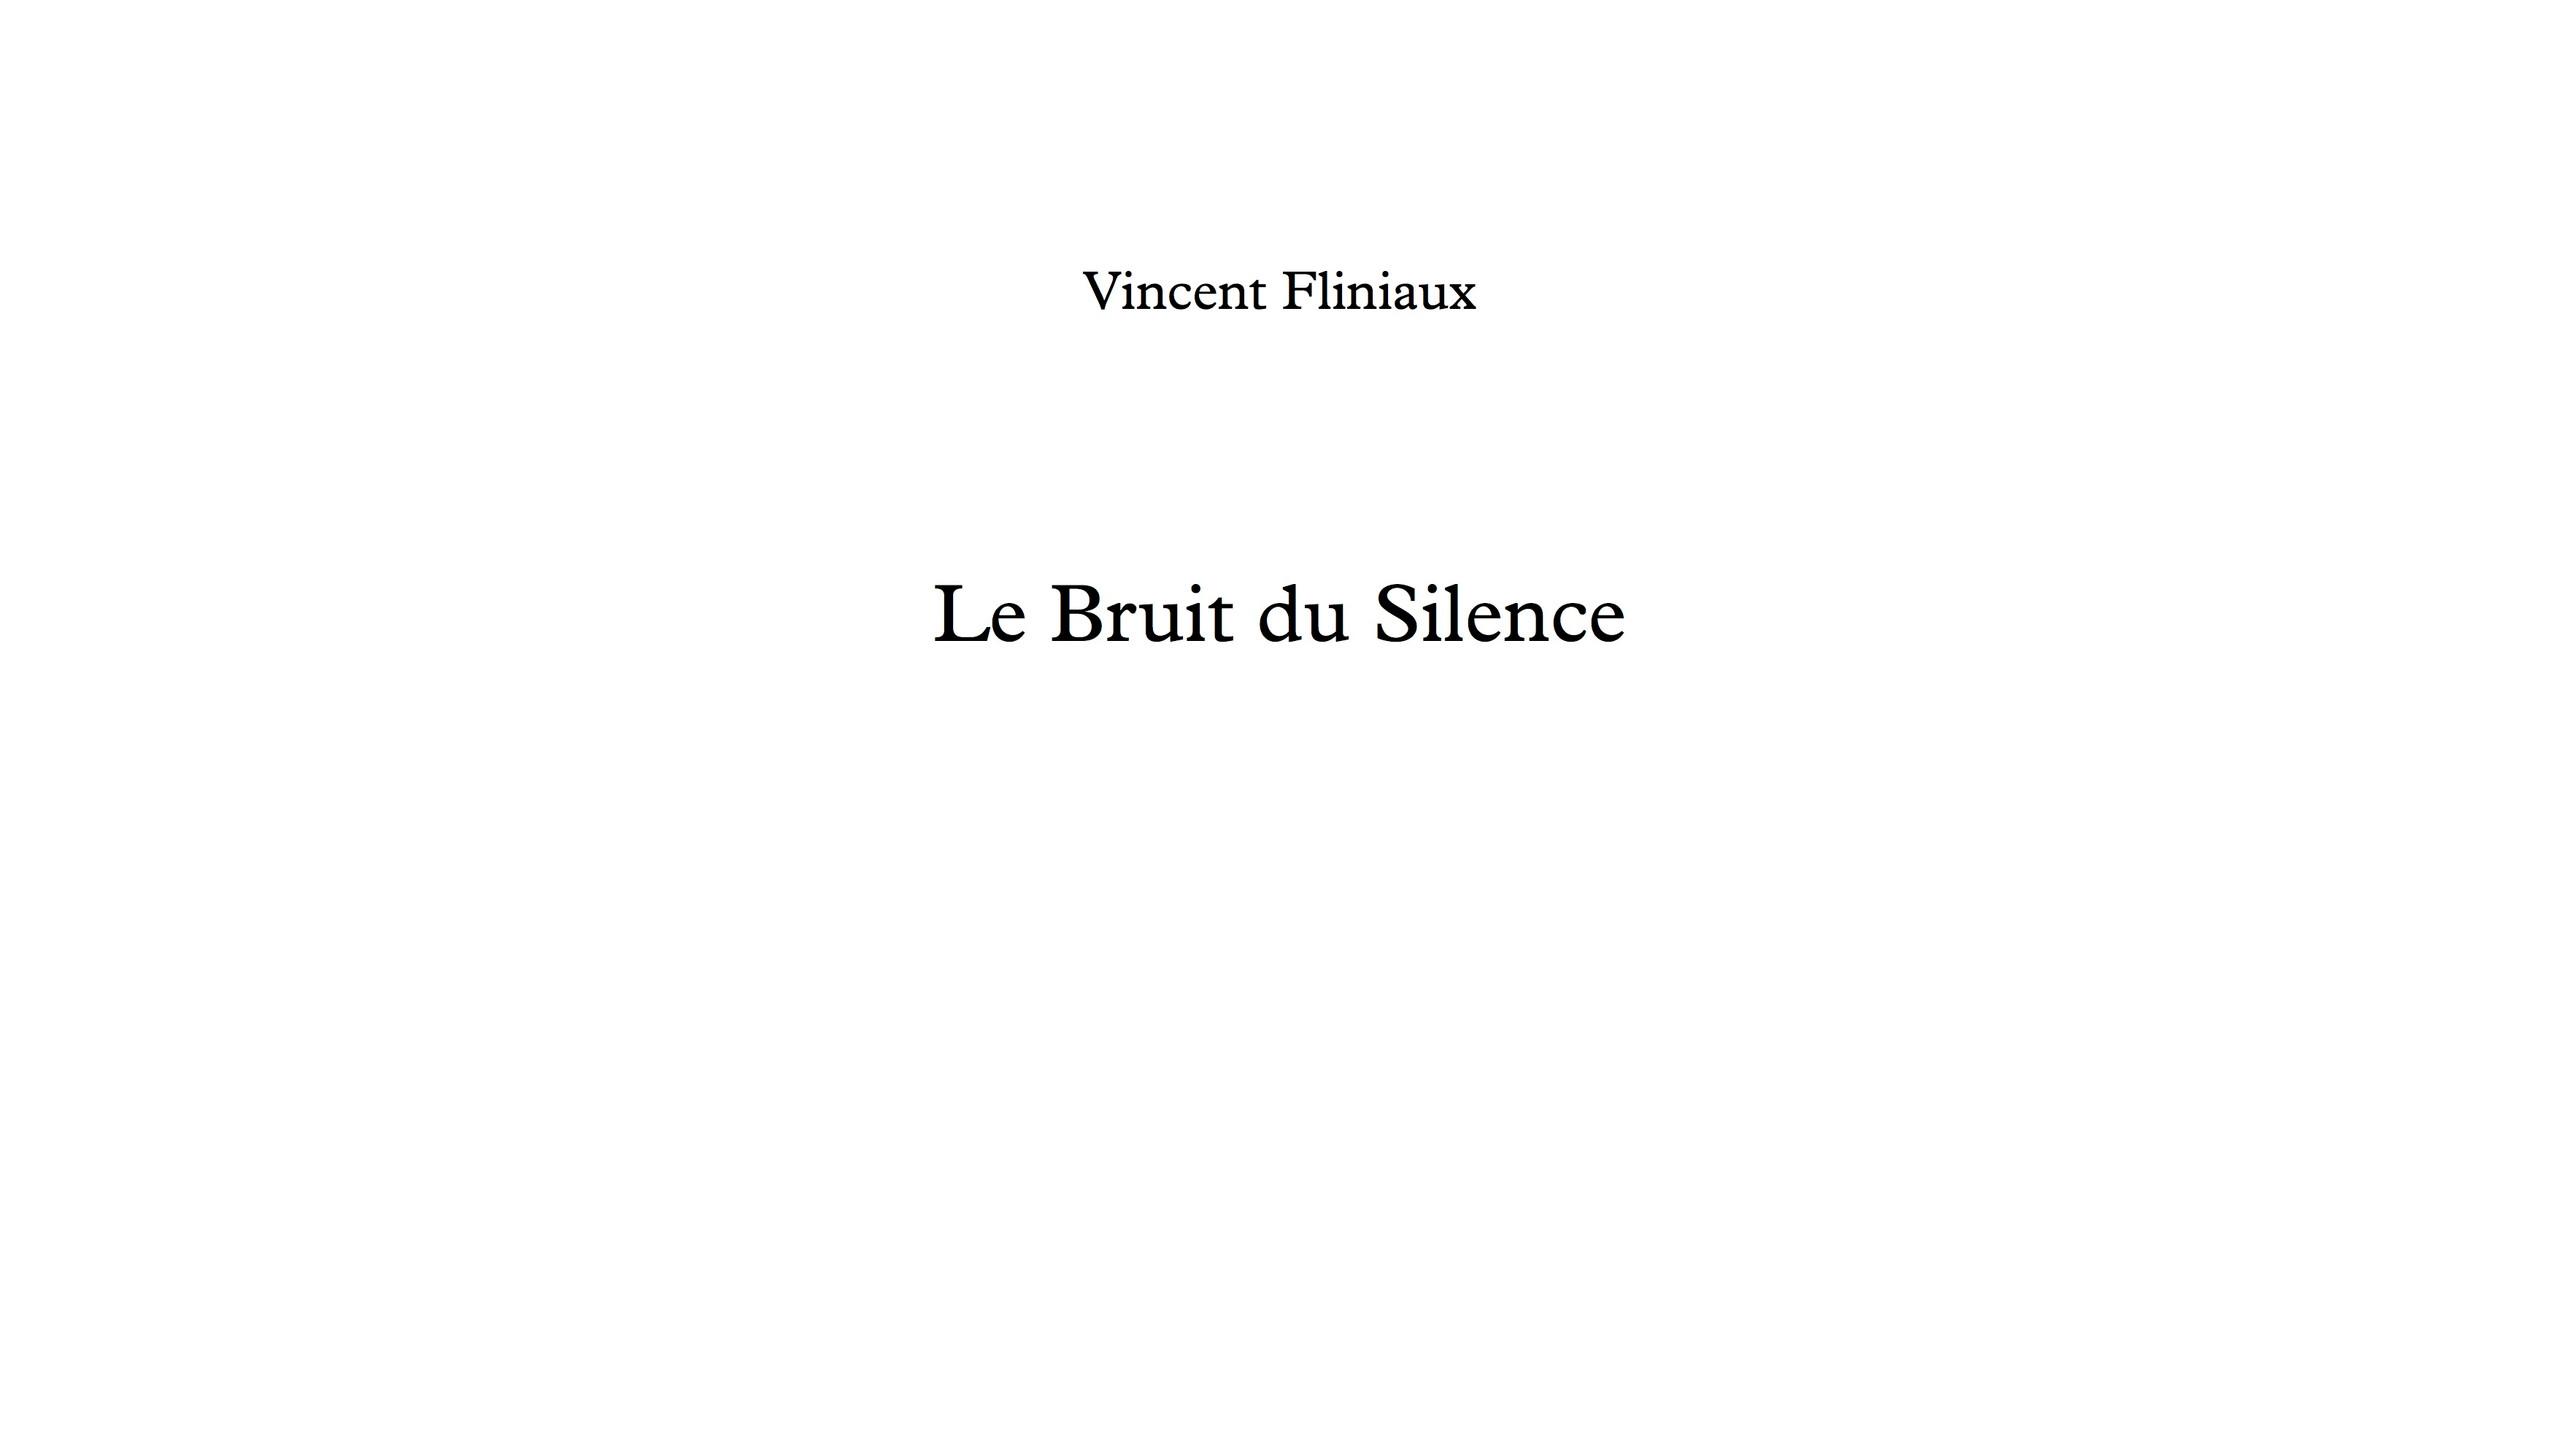 Le Bruit du Silence - Full Score